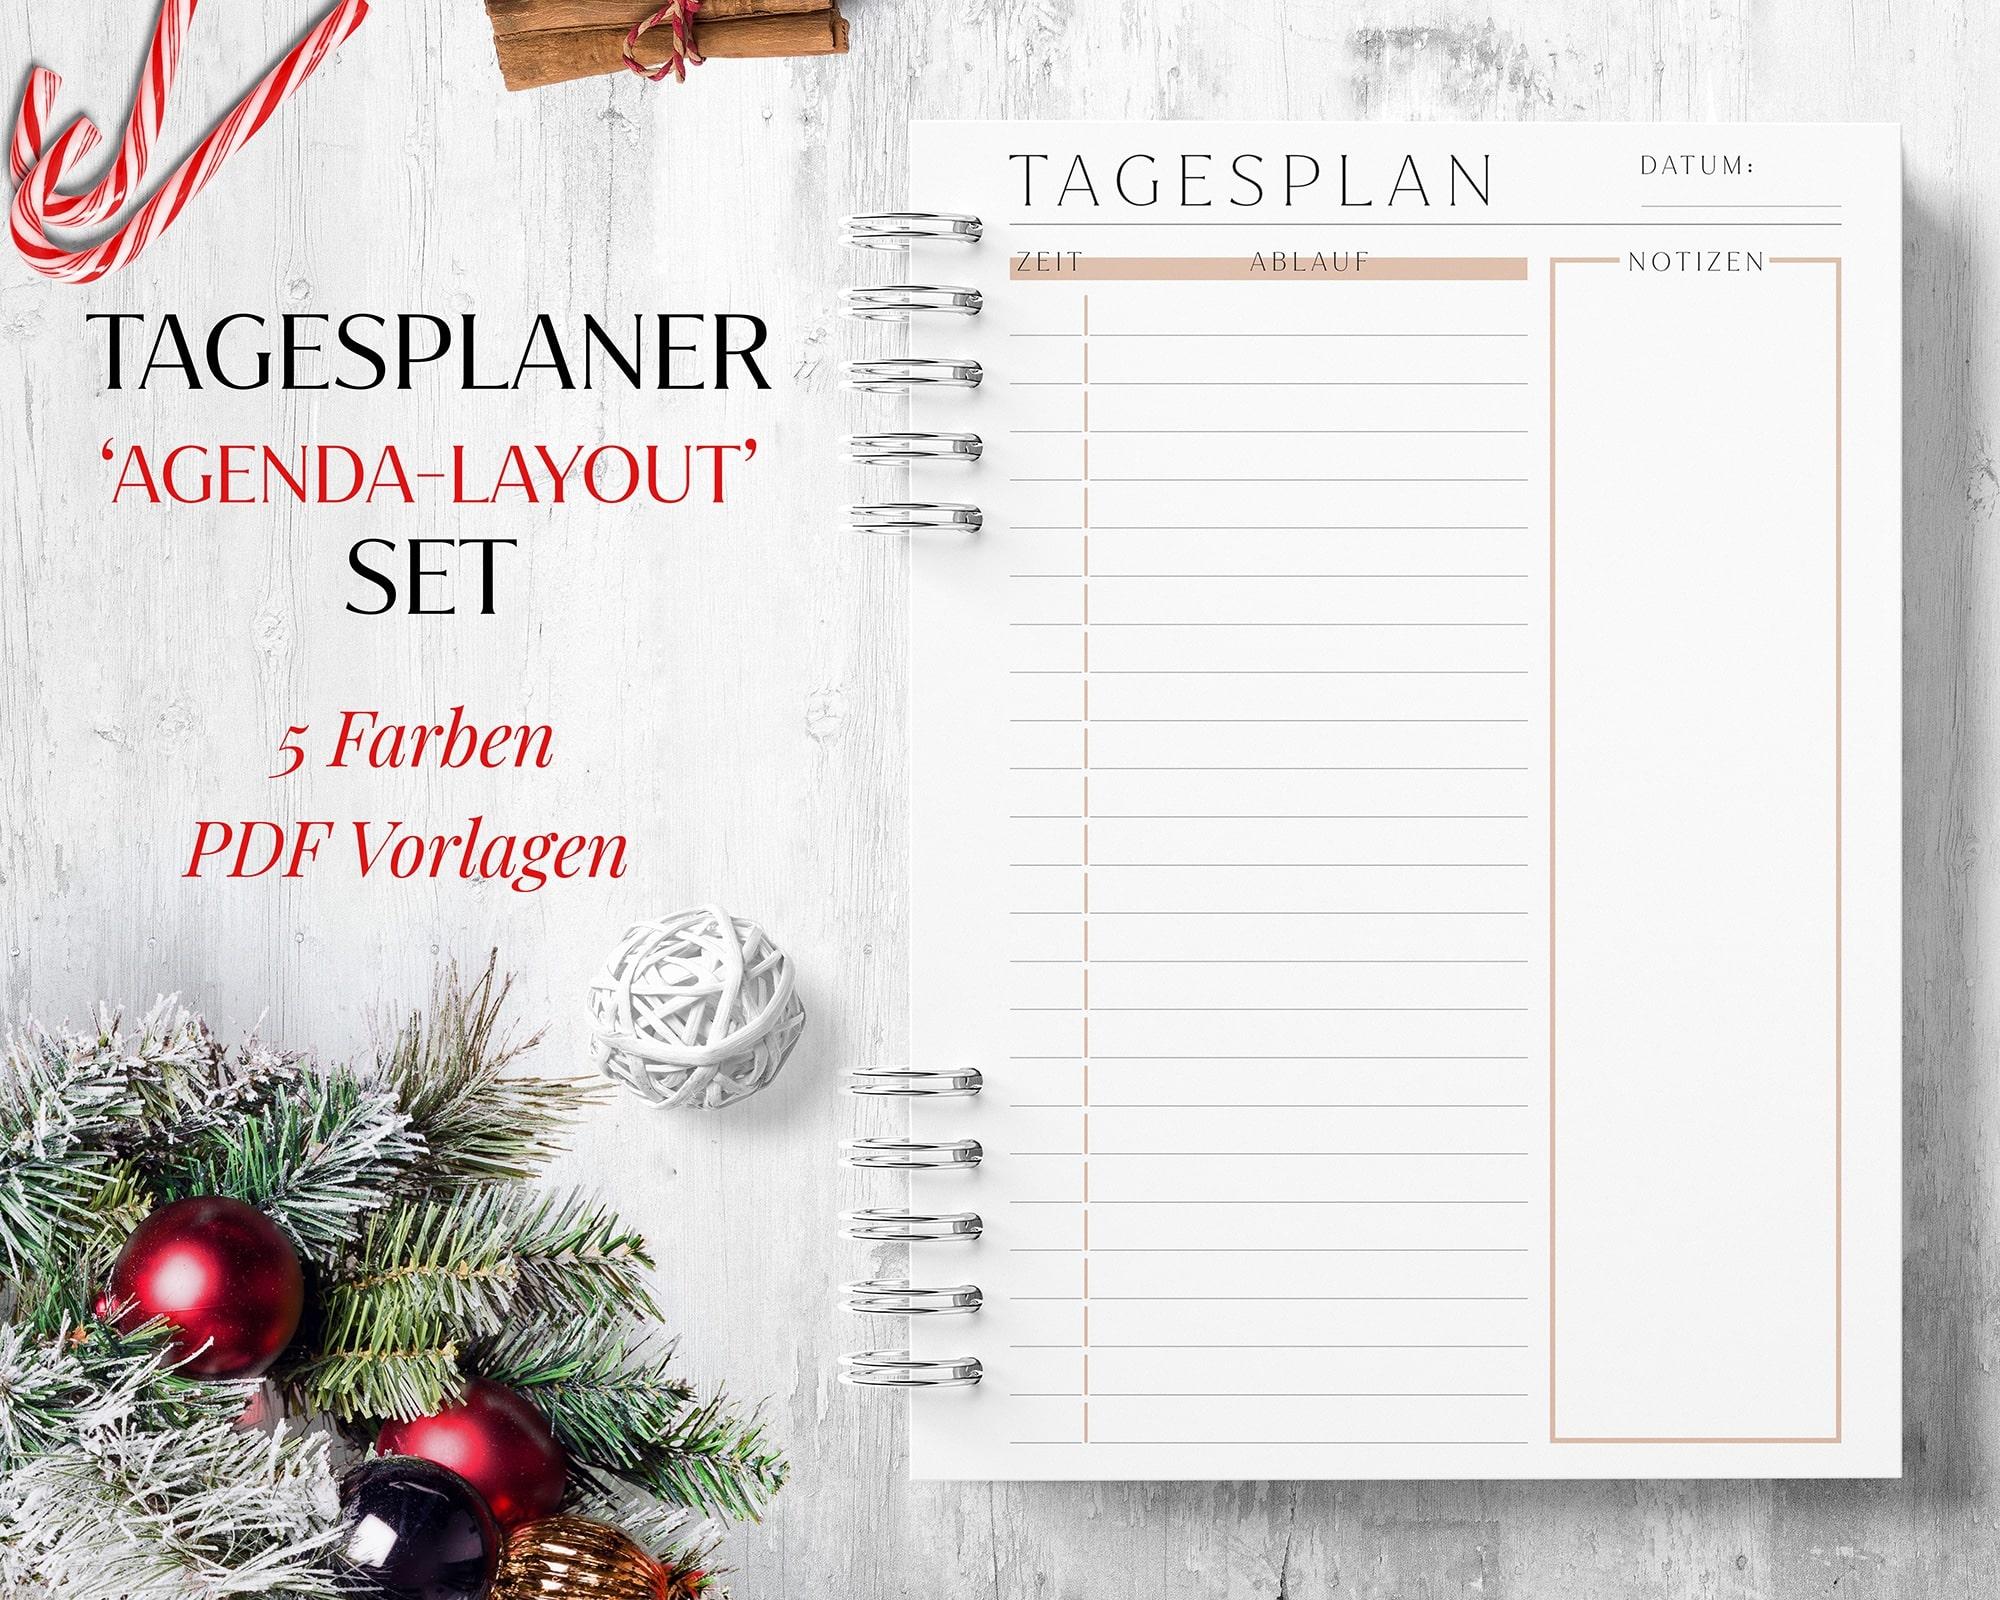 Tagesplan Zeitplan zum Ausdrucken pdf digital